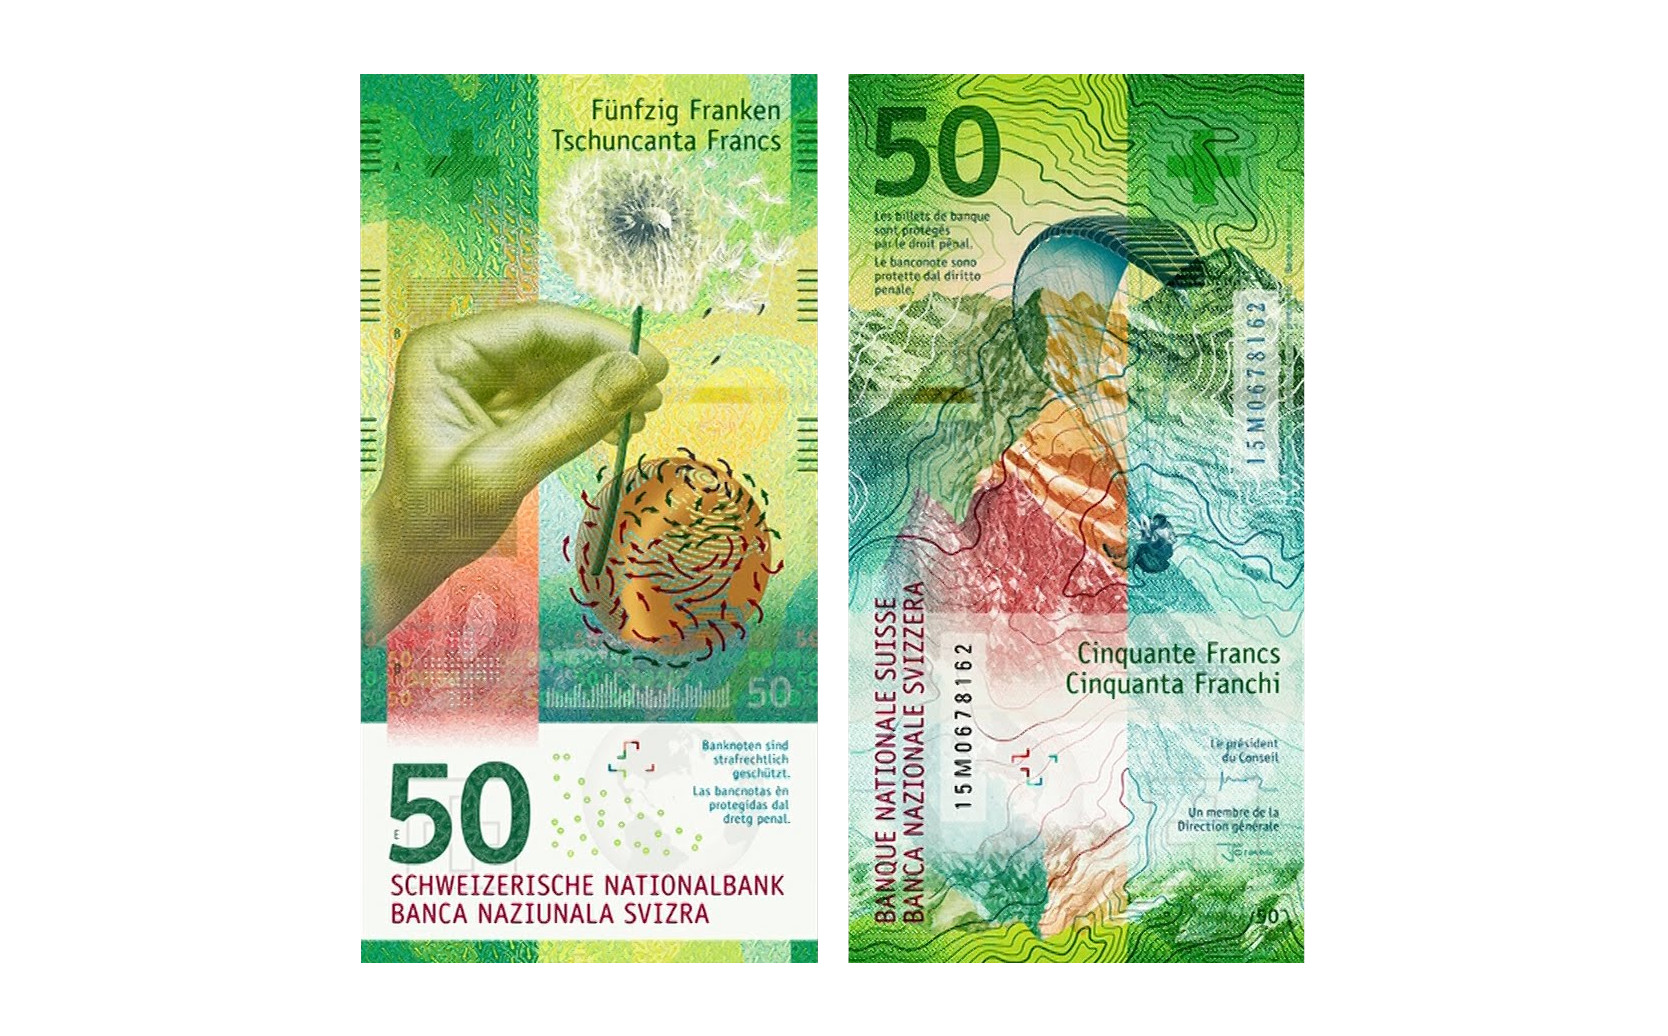 Лучшая купюра 2016 года — 50 швейцарских франков